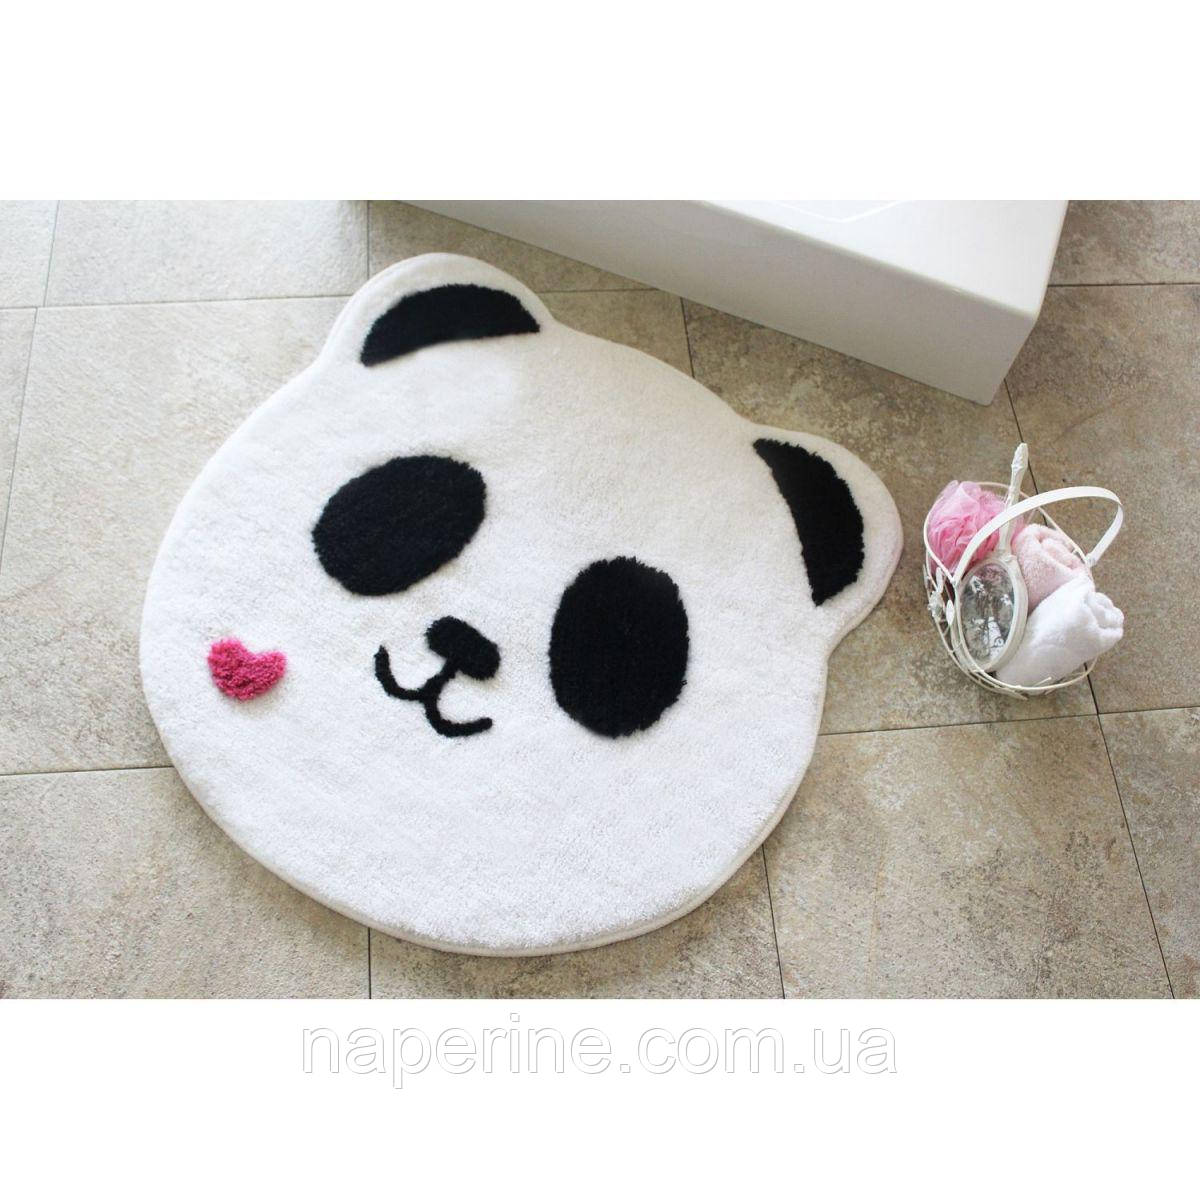 Круглий килимок для ванної кімнати ALESSIA